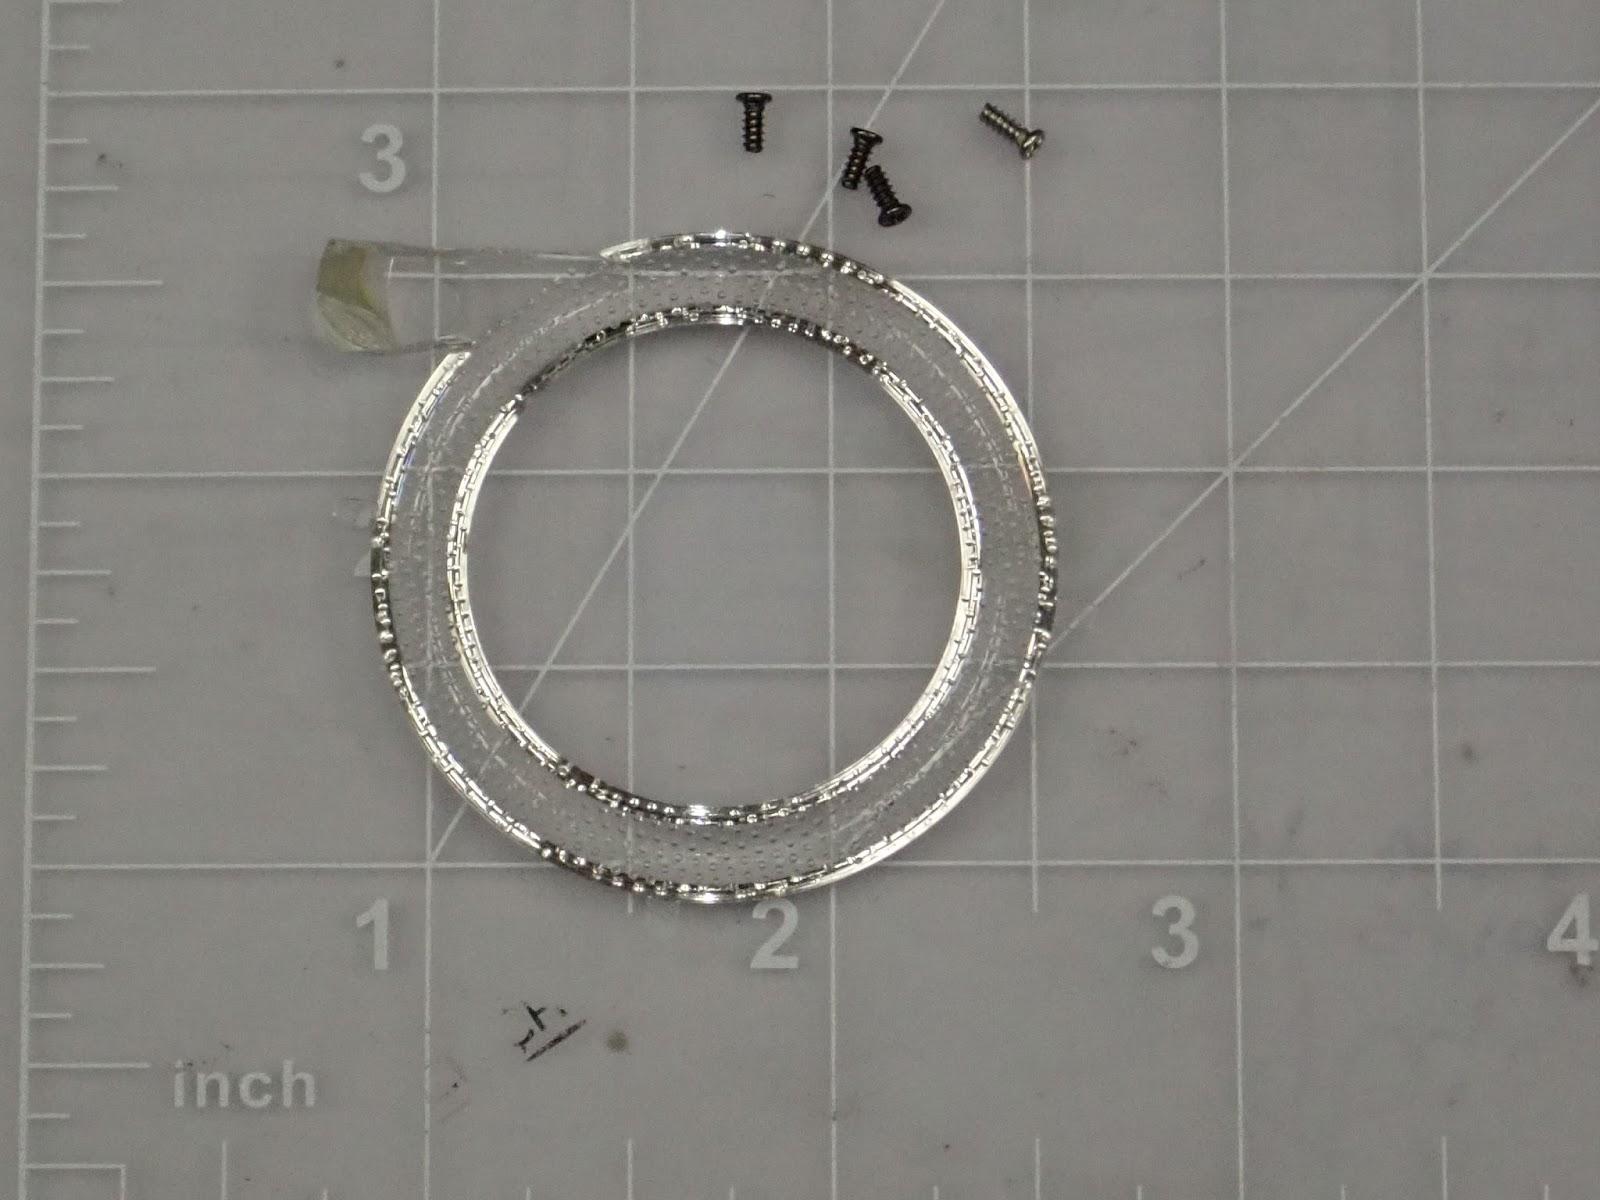 Makers Confidential: Teardown of LG-1 light ring for